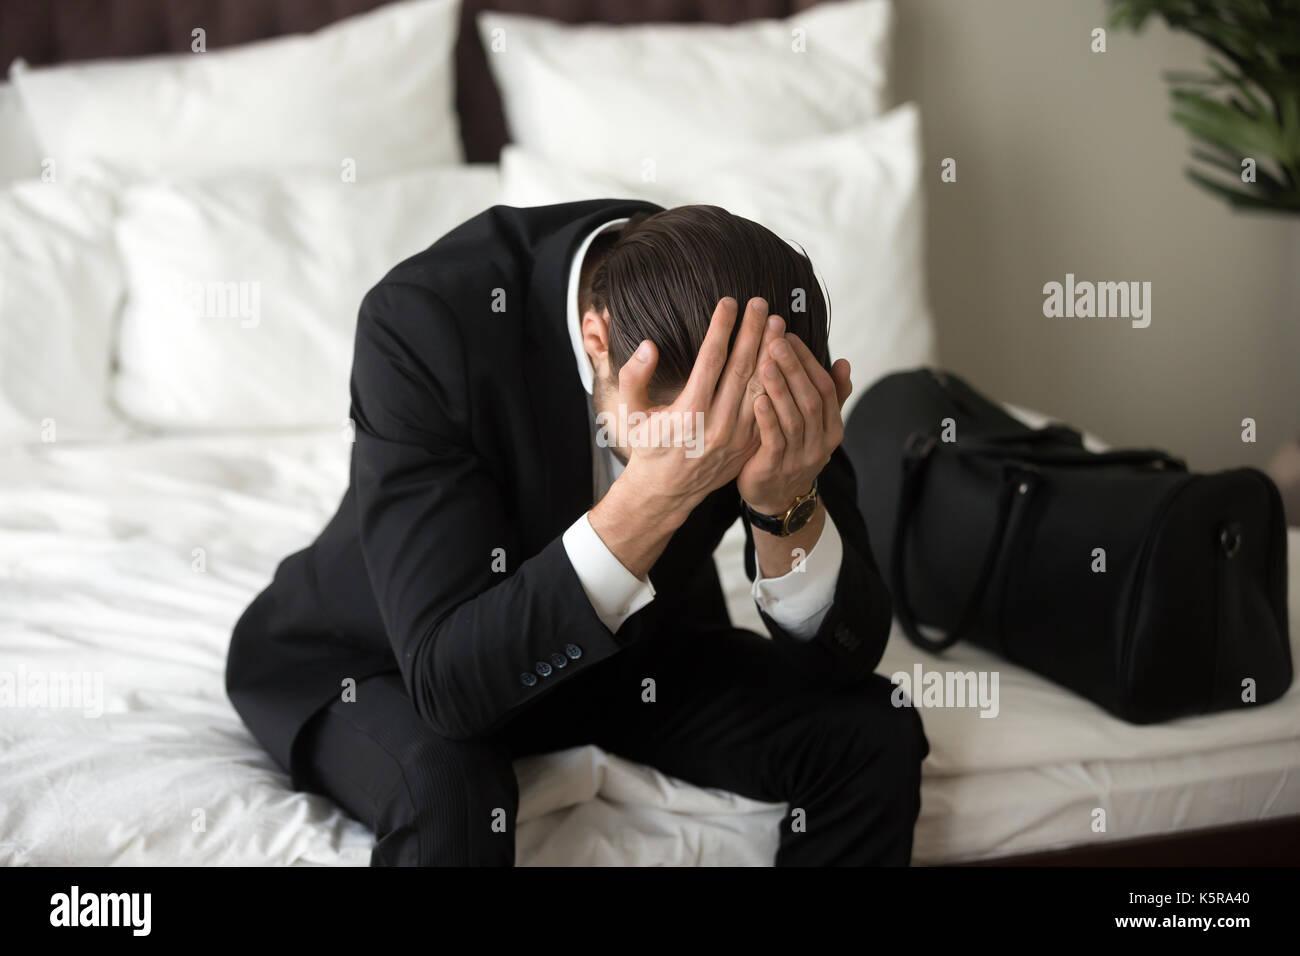 Subrayó malestar empresario sentada en la cama, tener dolor de cabeza. Imagen De Stock